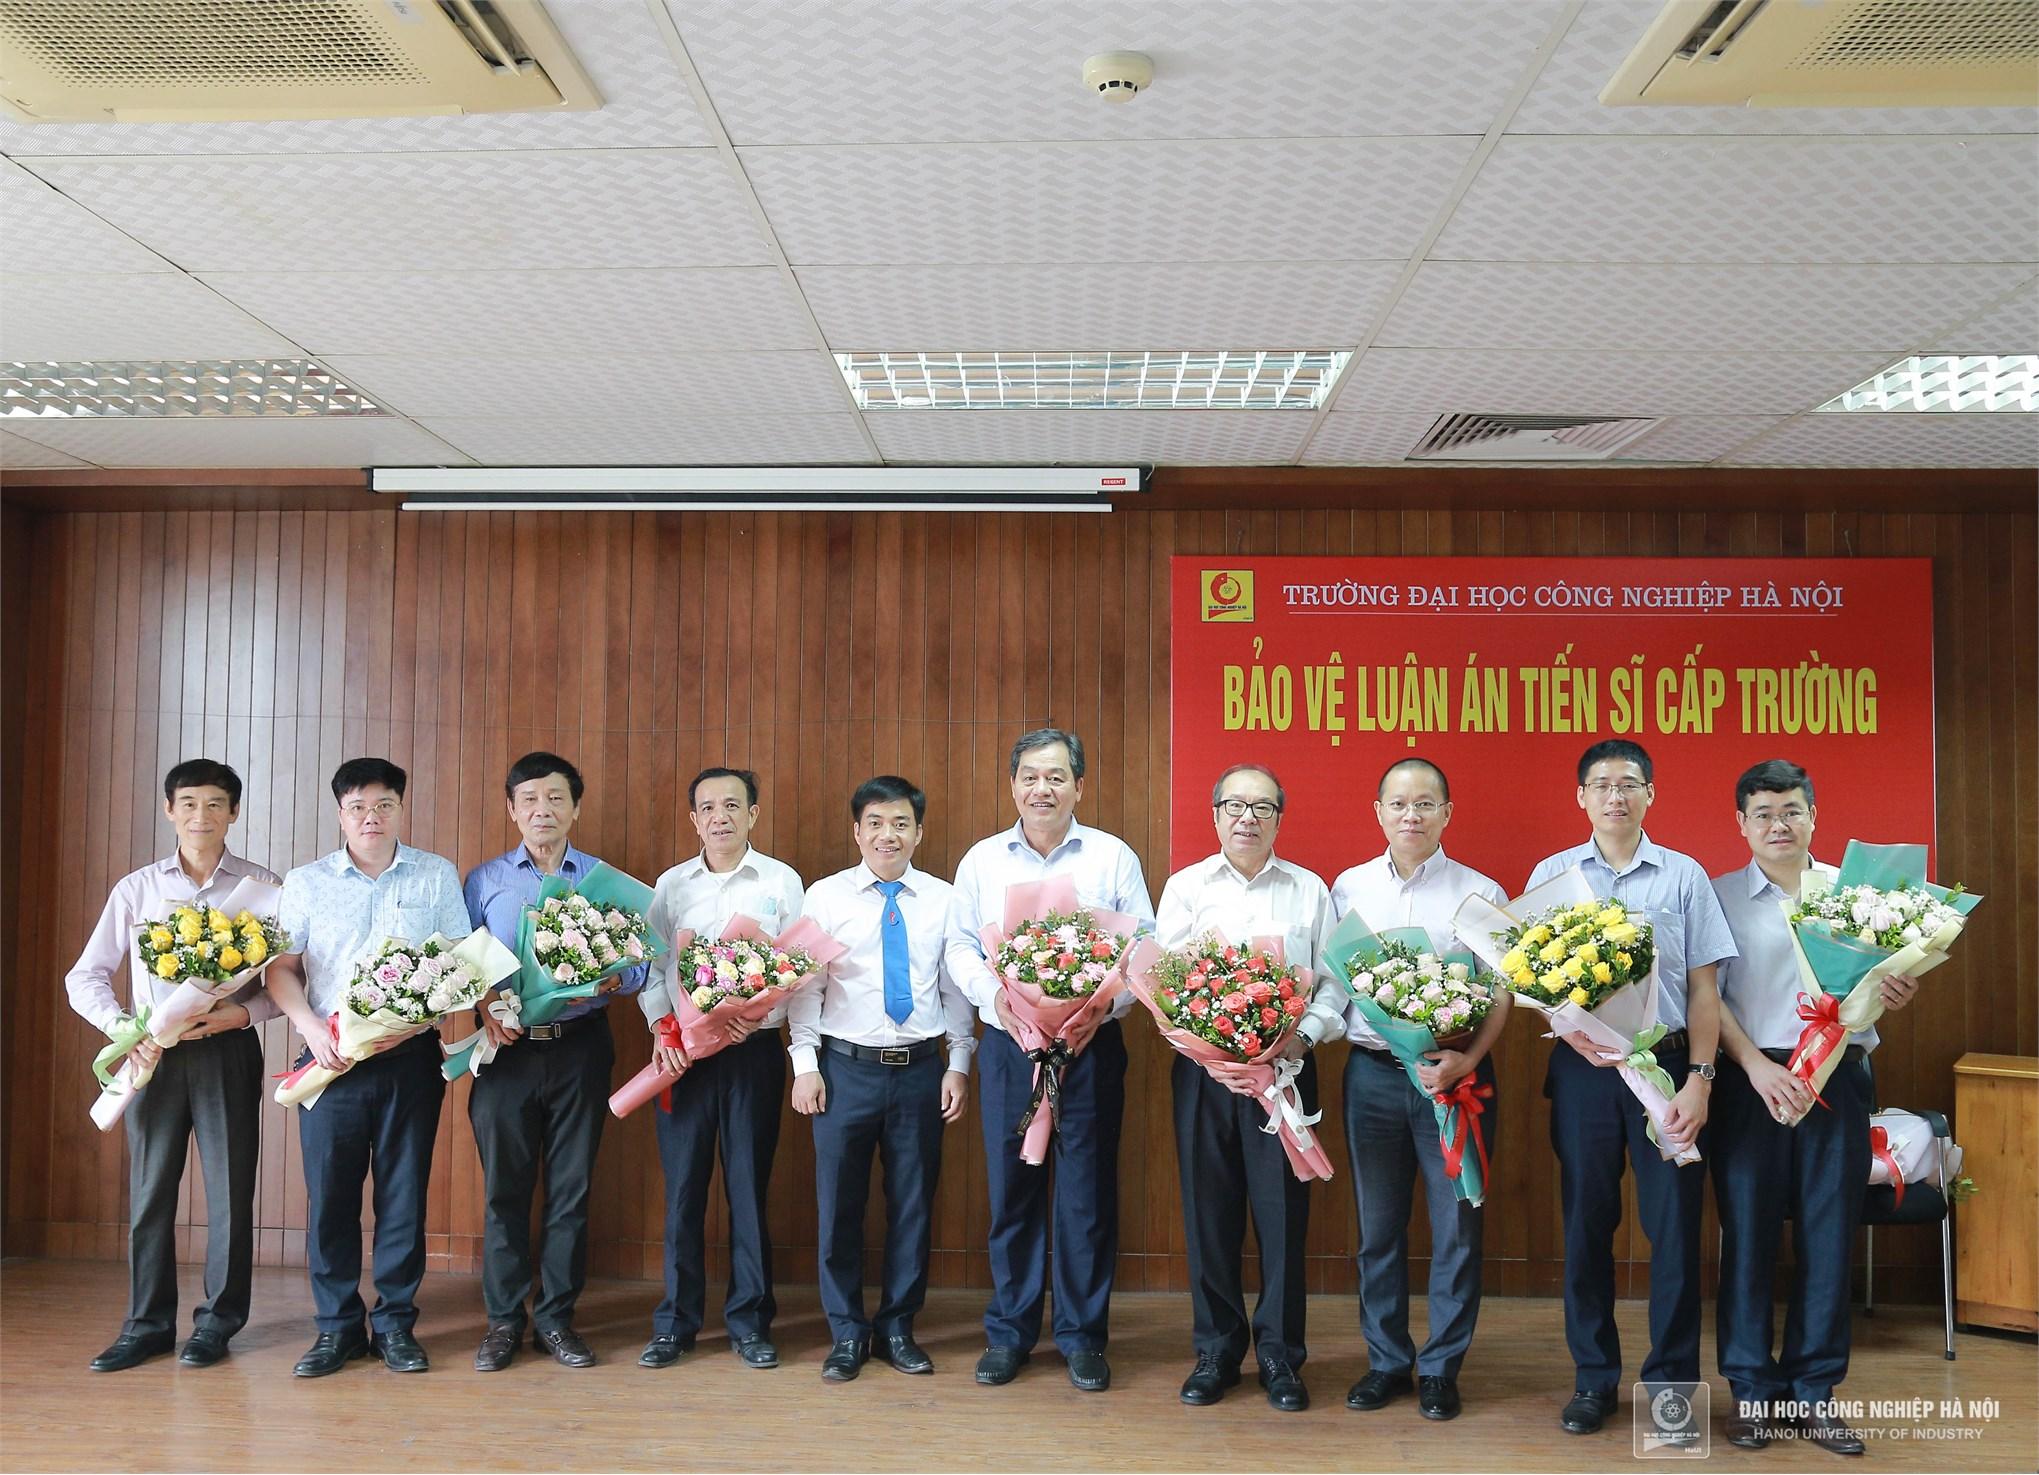 Nghiên cứu sinh Nguyễn Trọng Mai bảo vệ thành công Luận án TS cấp trường